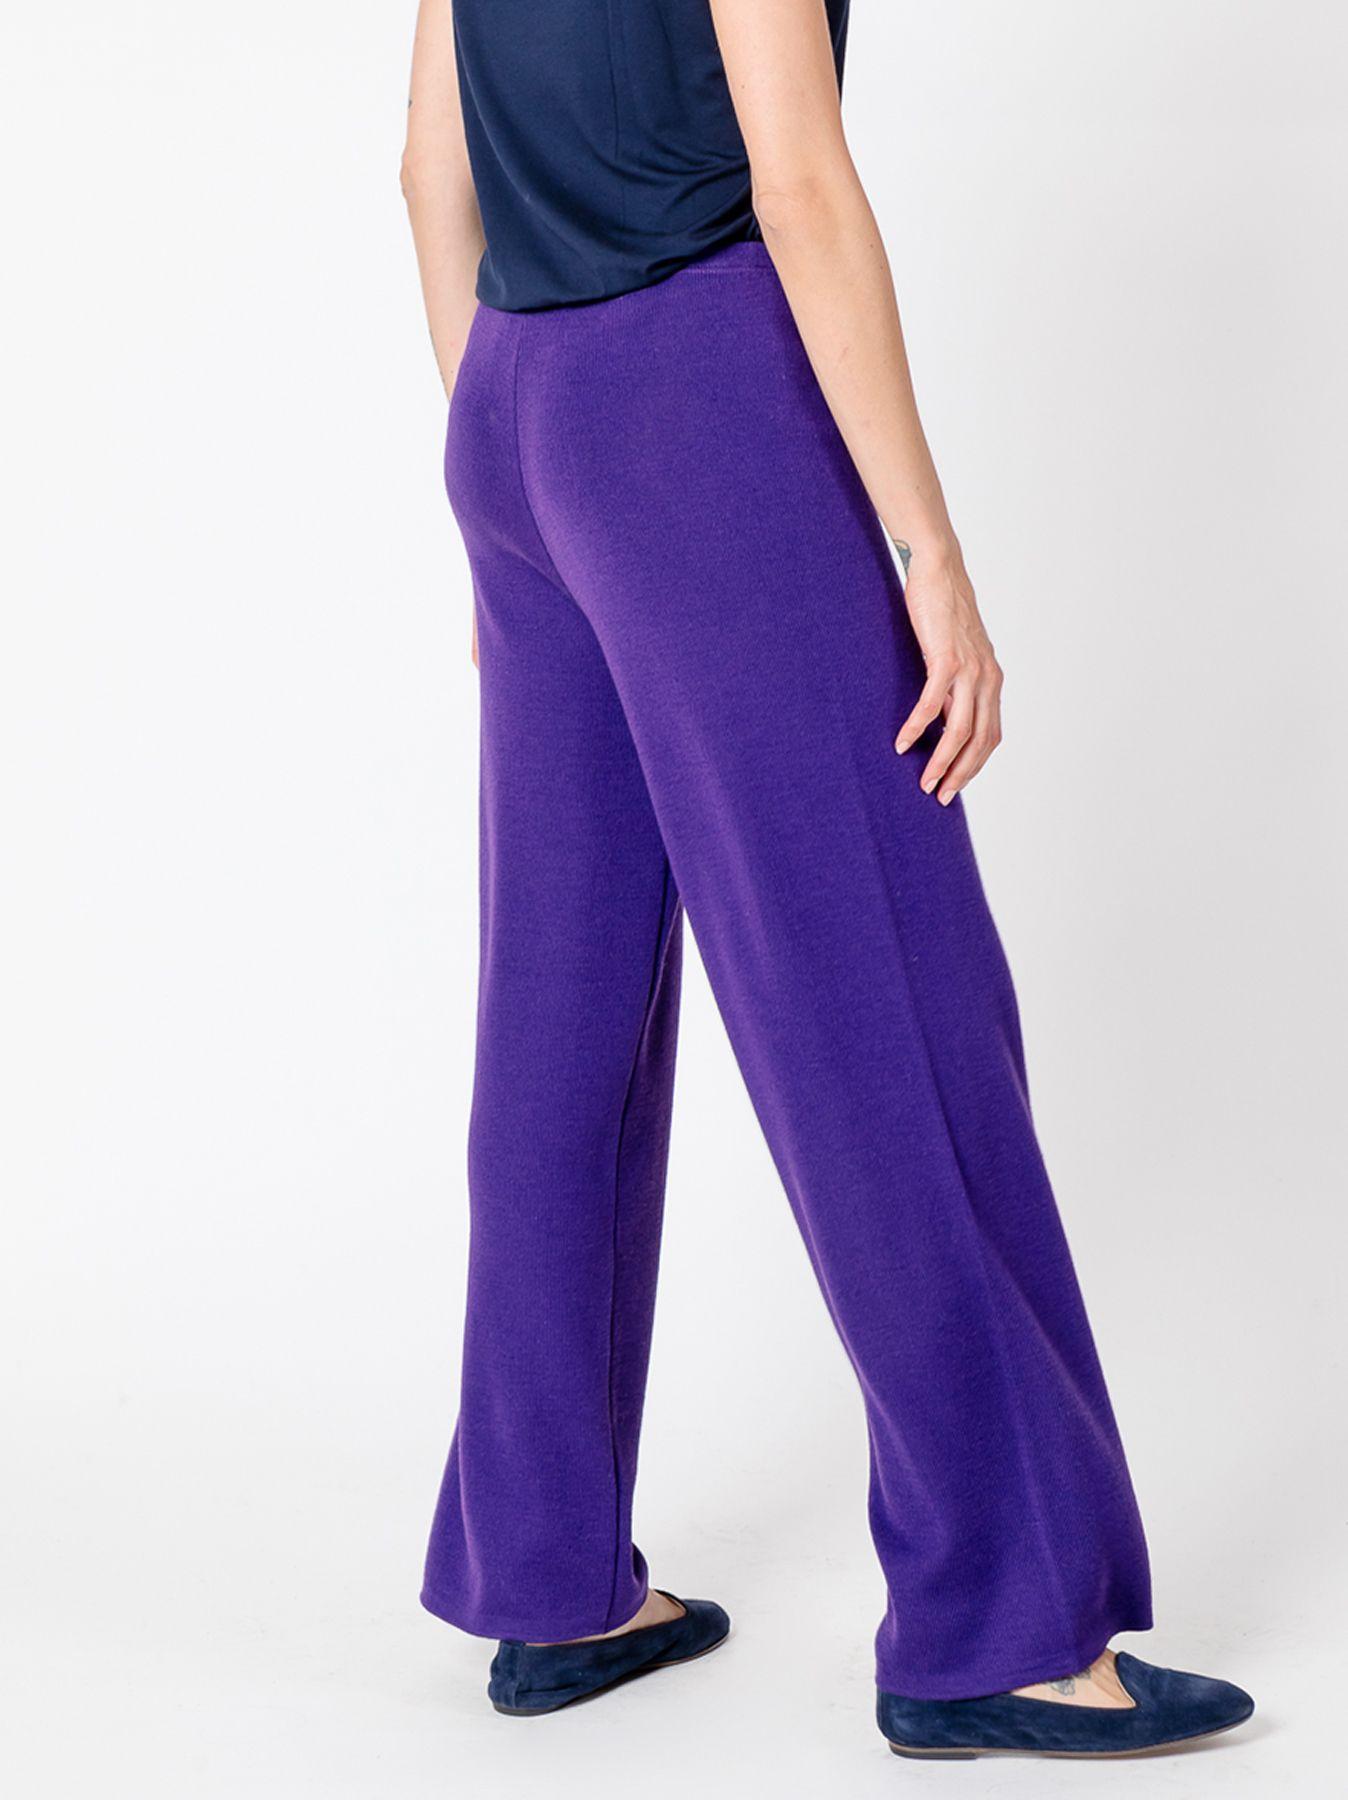 Pantalone elastico in maglia VIOLA